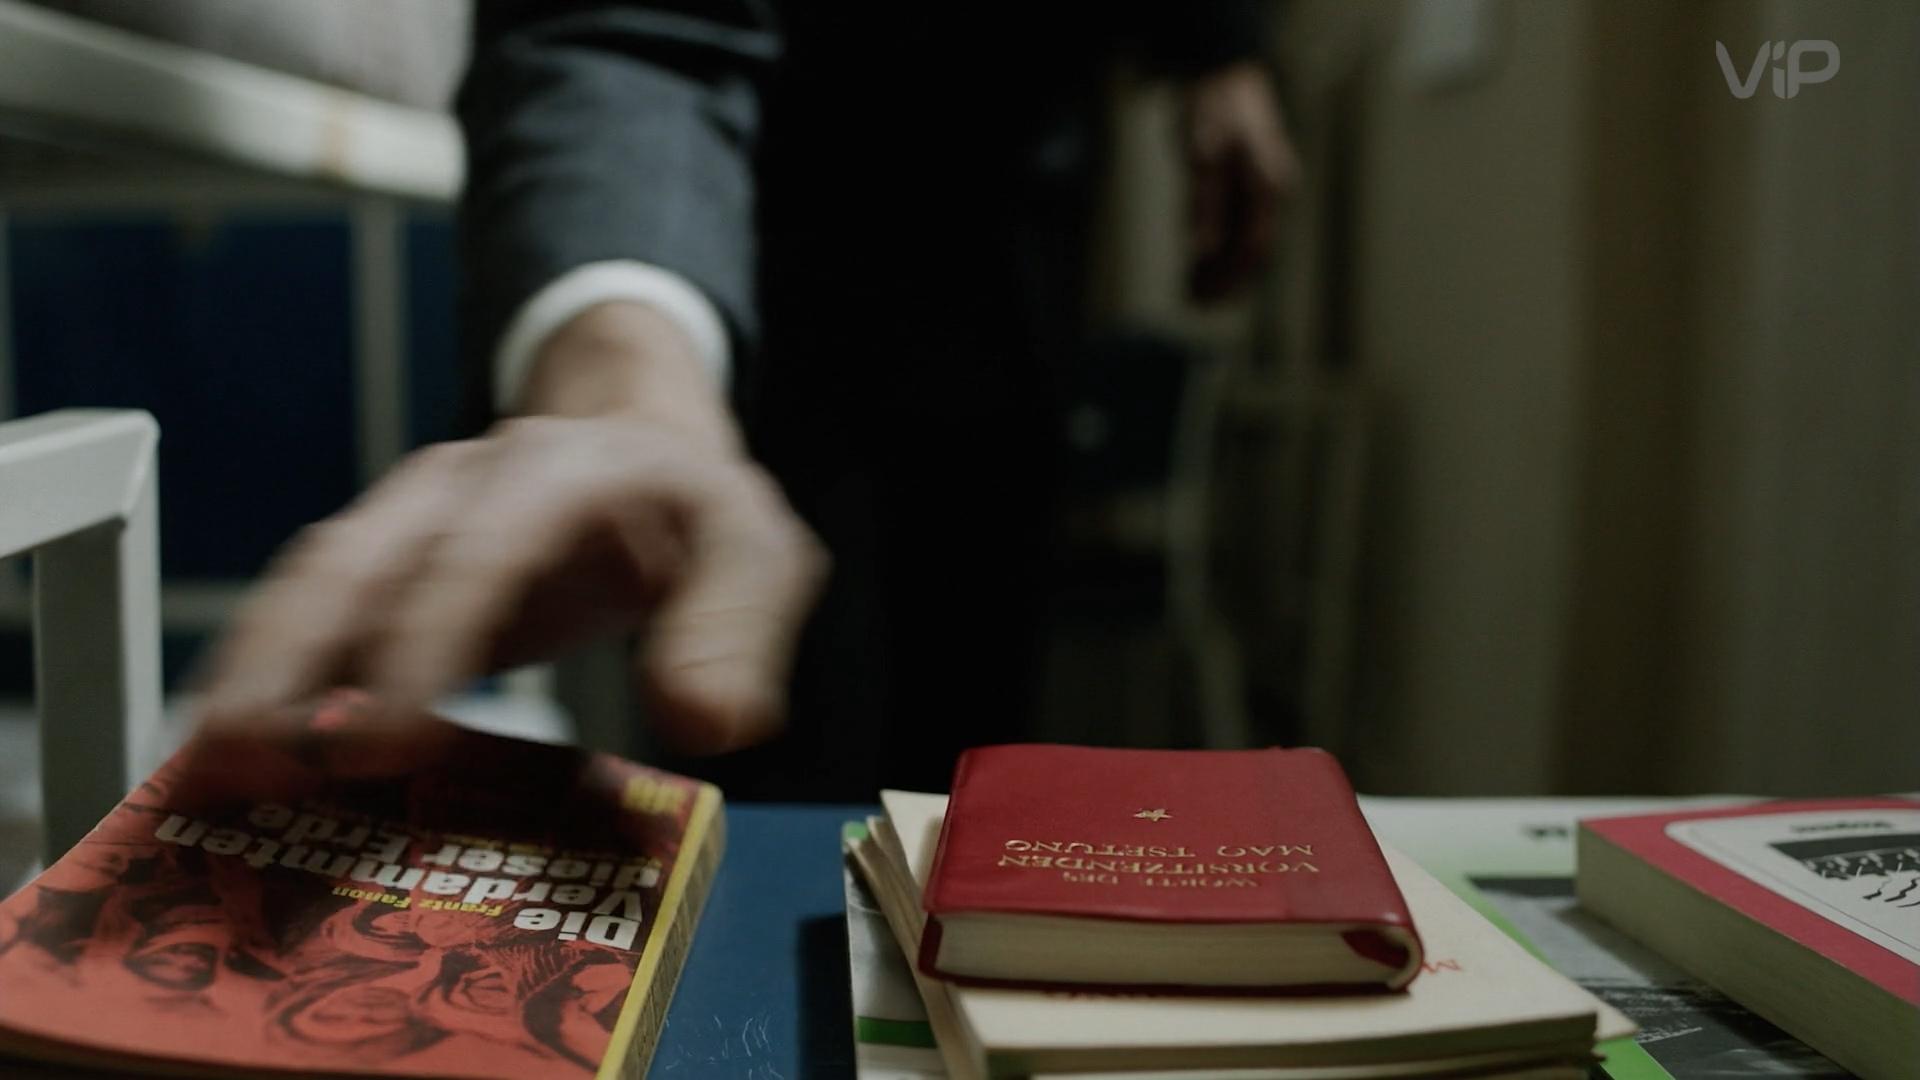 Угадайка - из какого сериала кадр с маленькой красной книжкой?